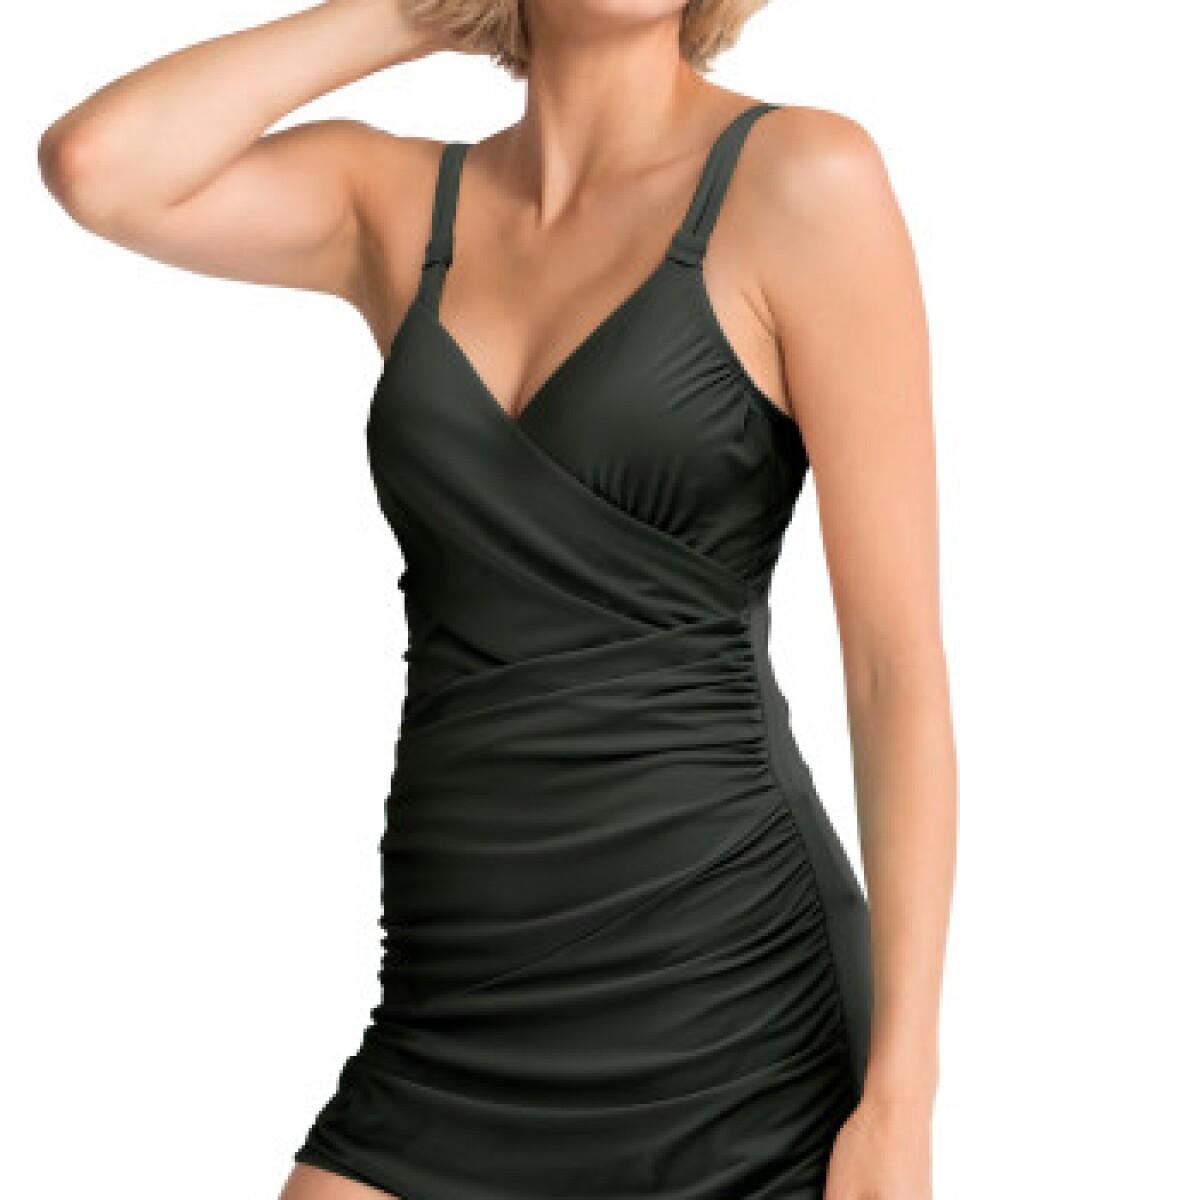 332da1bf2fd03 Swimsuit Trends for Older Women